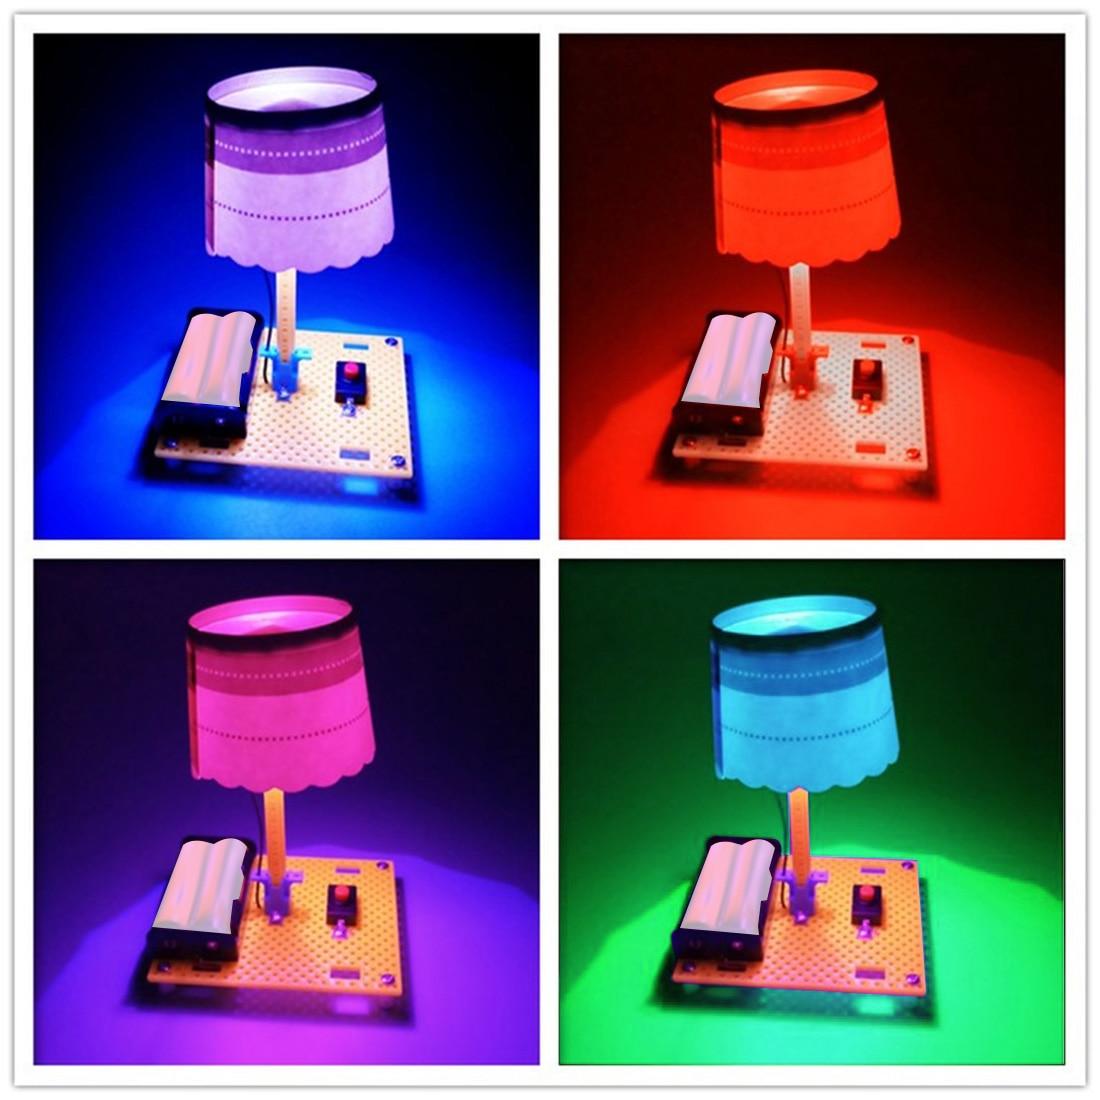 Feichao DIY Science Technology маленькая производственная мини настольная лампа ручной работы DIY настольные лампы сборка модель комплект обучающая ламп...